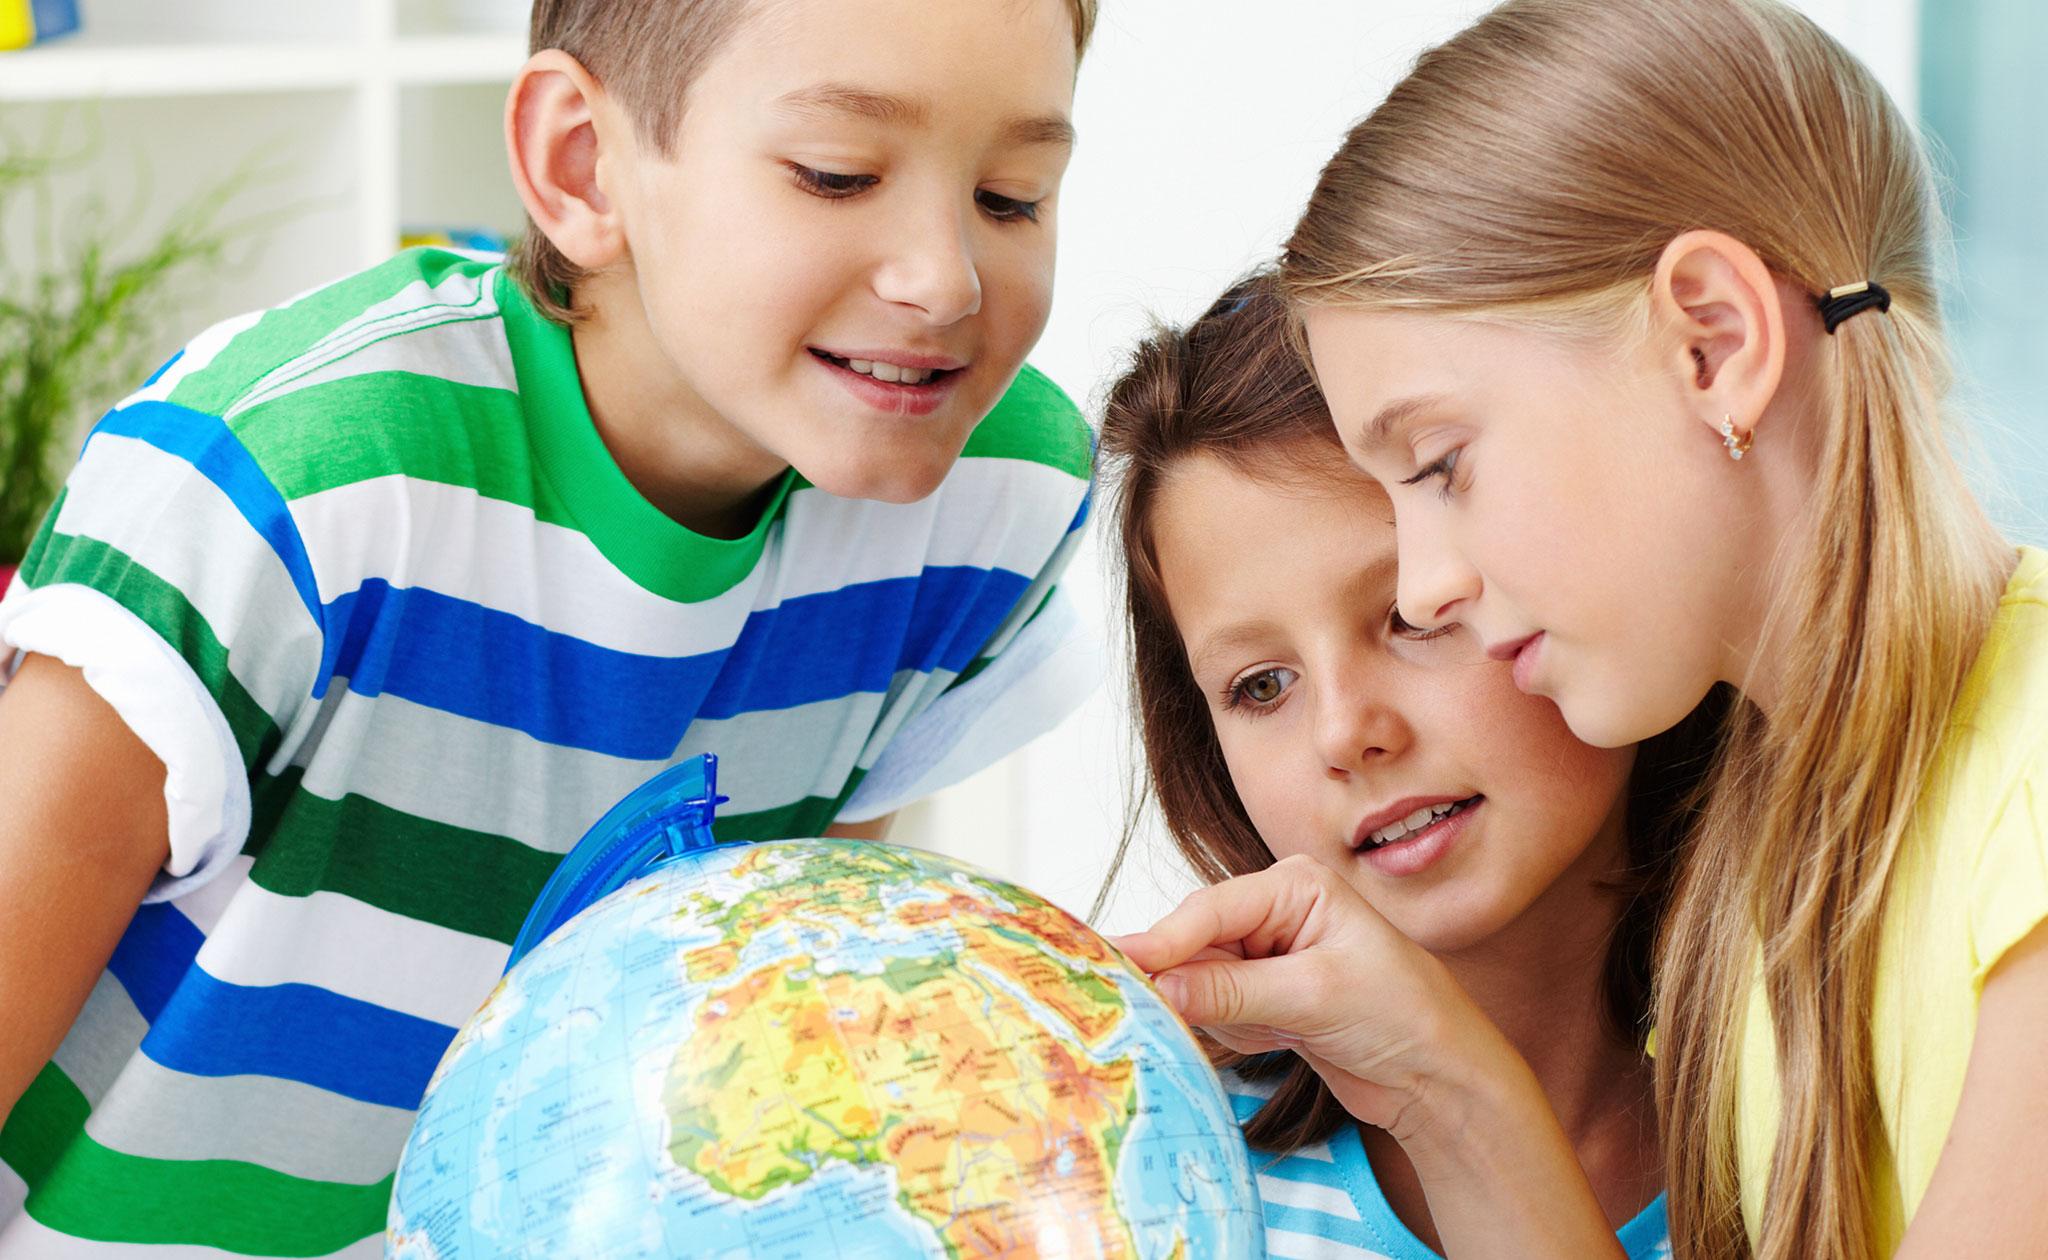 オリンピック・パラリンピックを学習へ活かす早大グループのチャレンジ